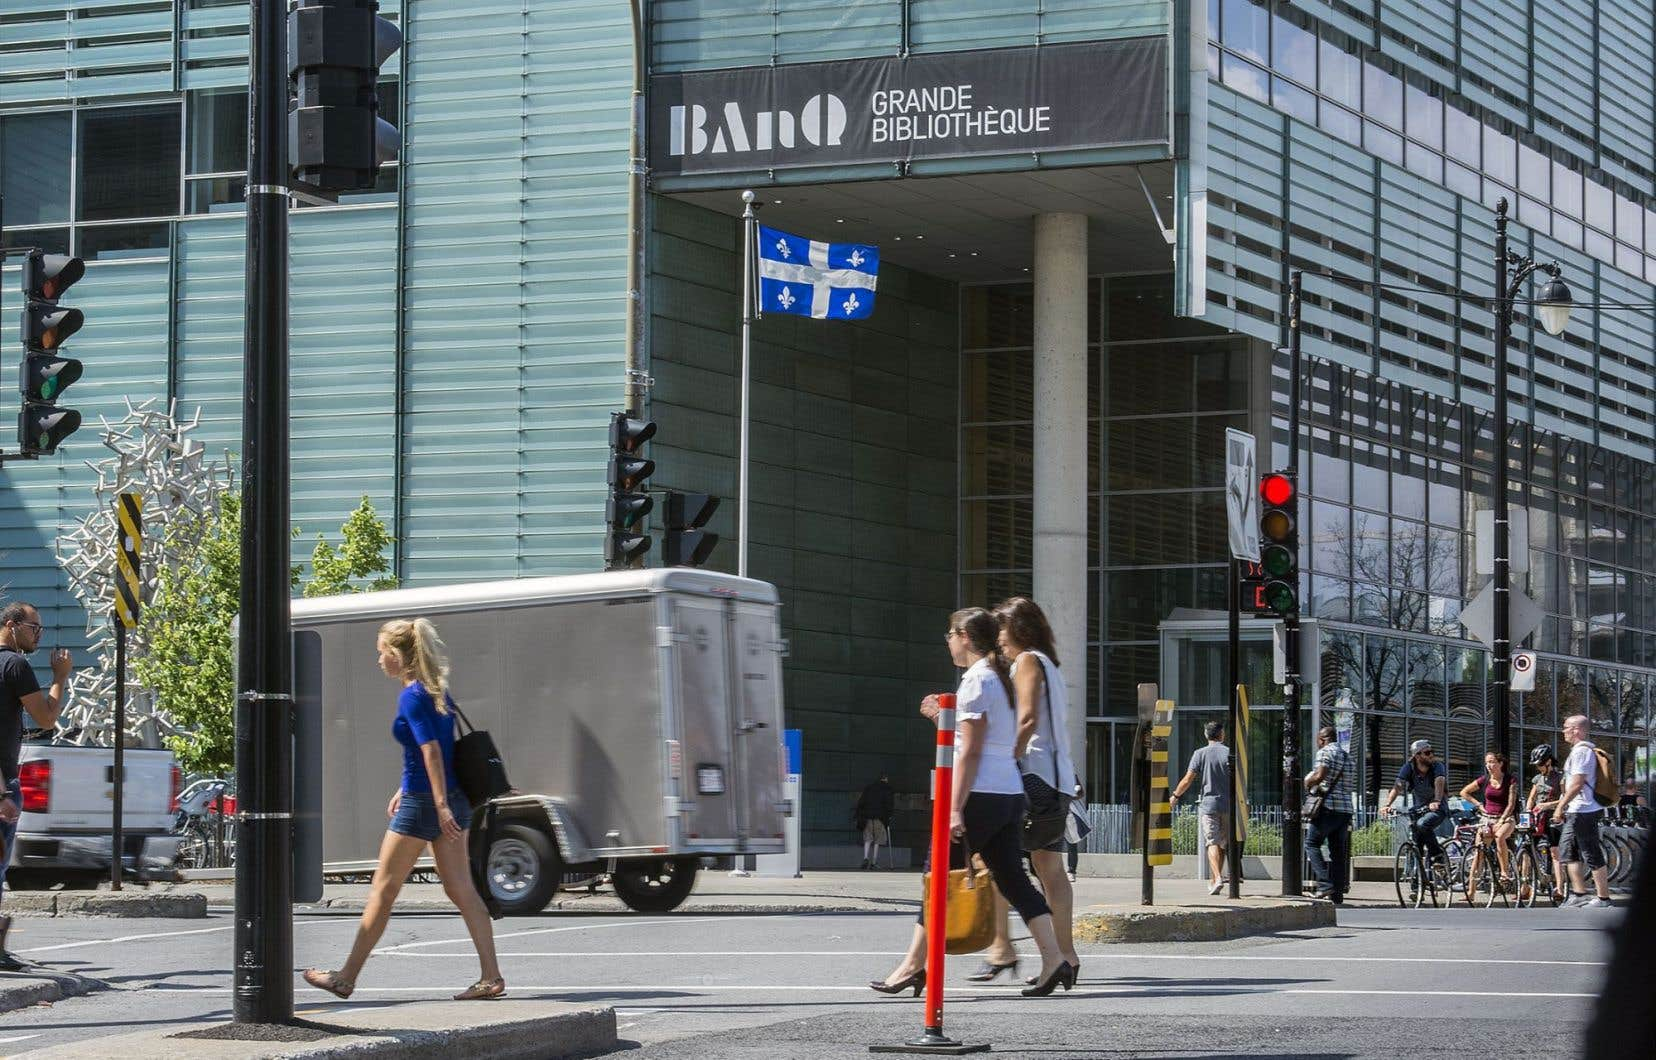 En matière de bureautique et d'informatique, BAnQ a beaucoup plus de ressources que la Cinémathèque, qui ne compte que quelque 50 employés.